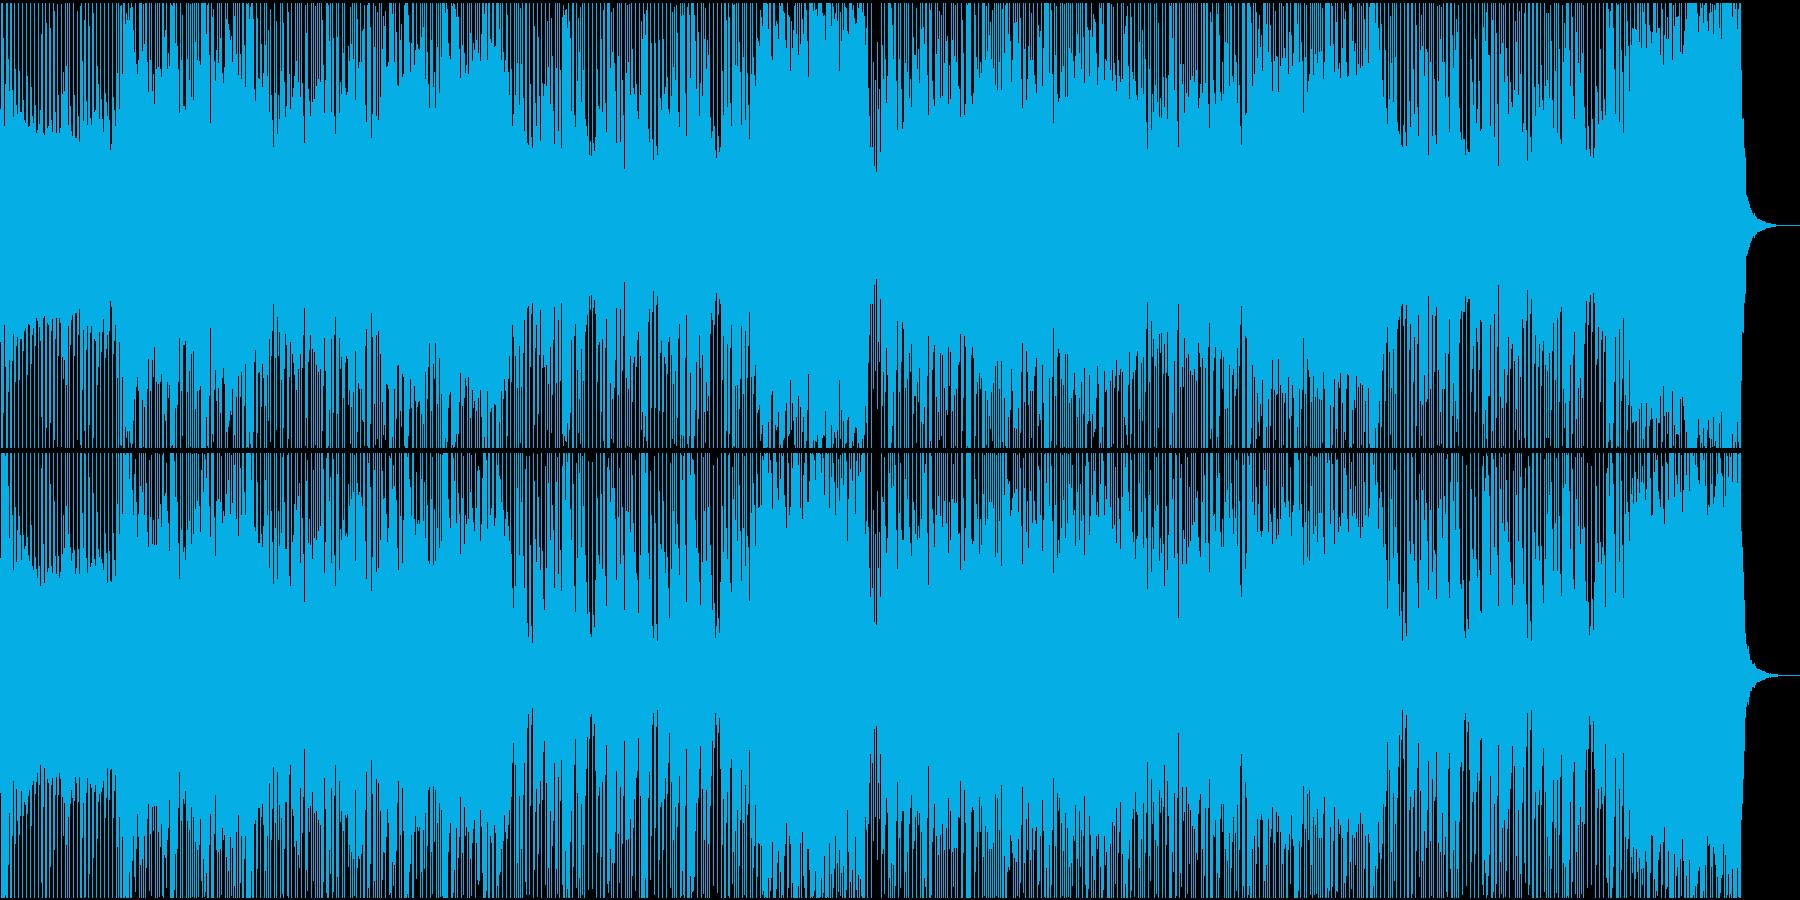 ロック/激しい/重い/シンセ/派手の再生済みの波形